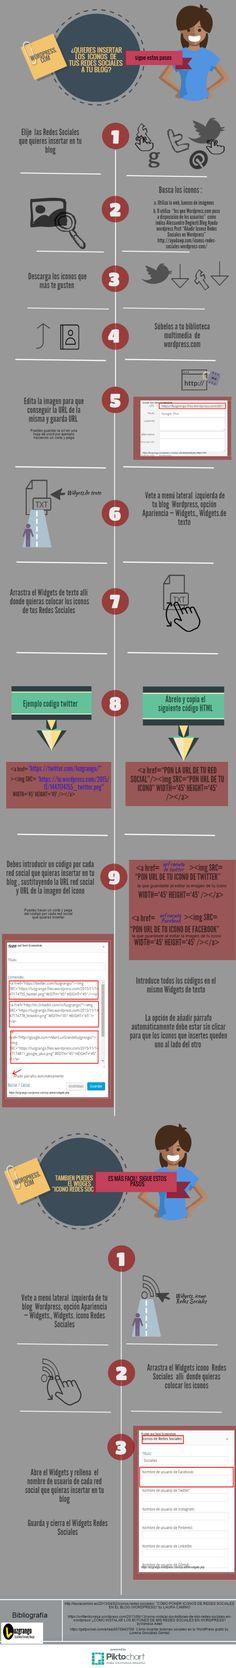 infografía Como insertar iconos de tus redes sociales en blog wordpress